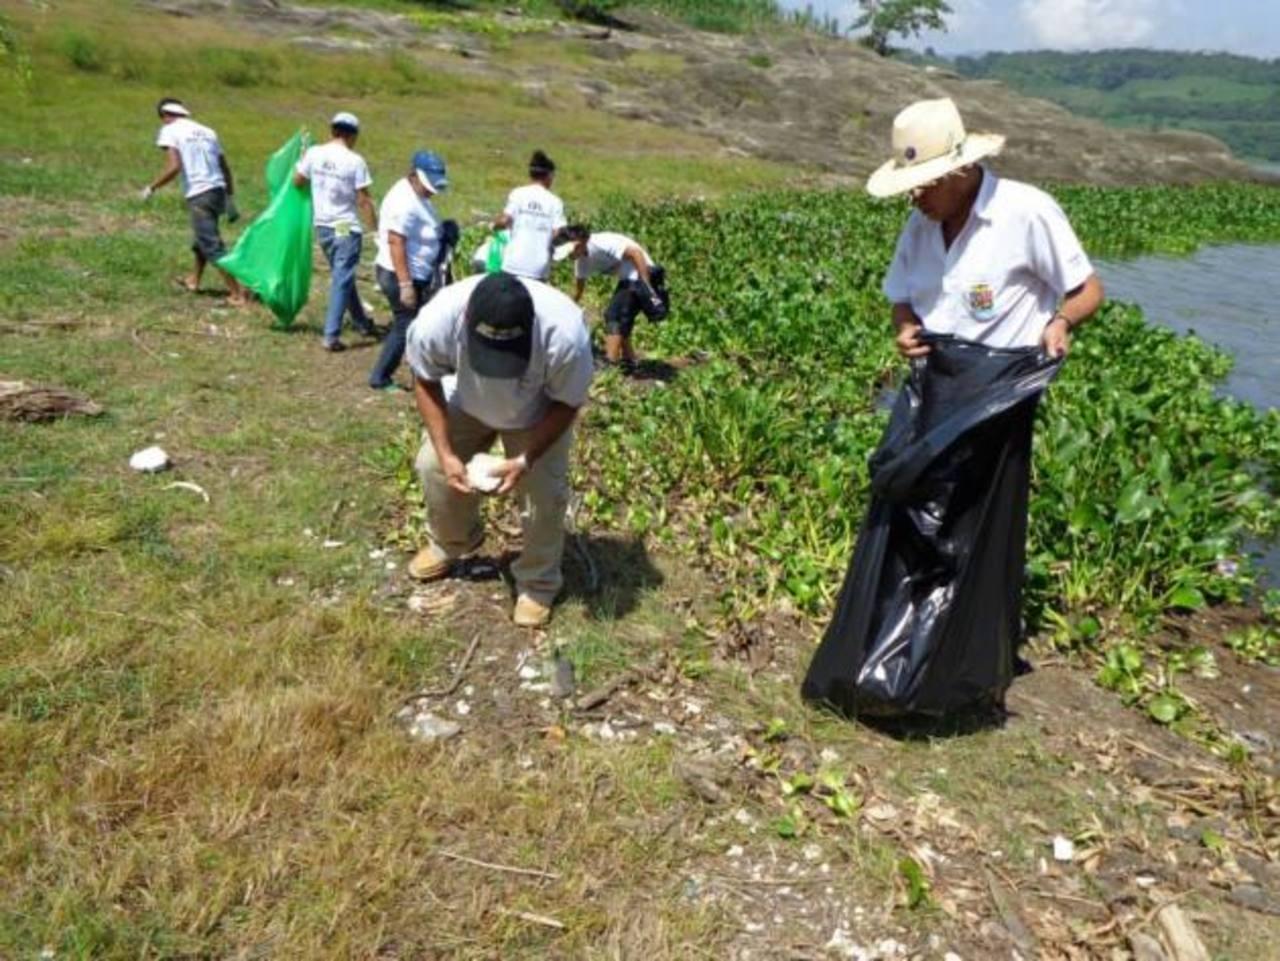 La organización llamó a los salvadoreños a convertirse en voluntarios y formar brigadas de limpieza. Foto edh / cortesía